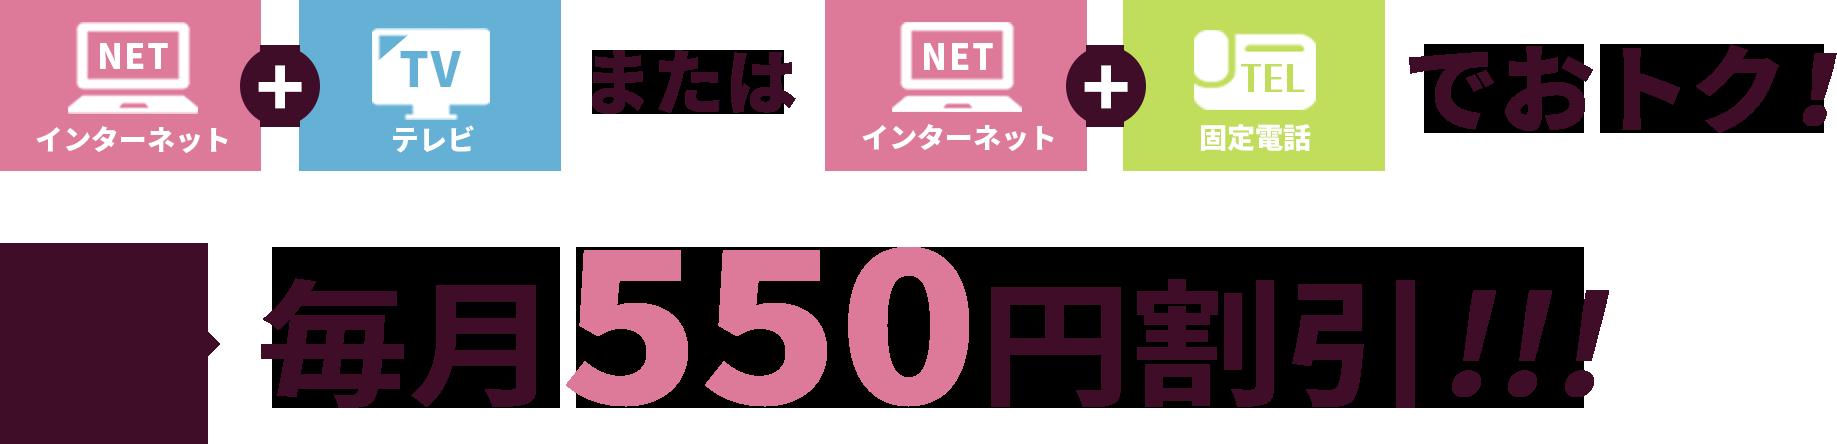 毎月500円割引!!!